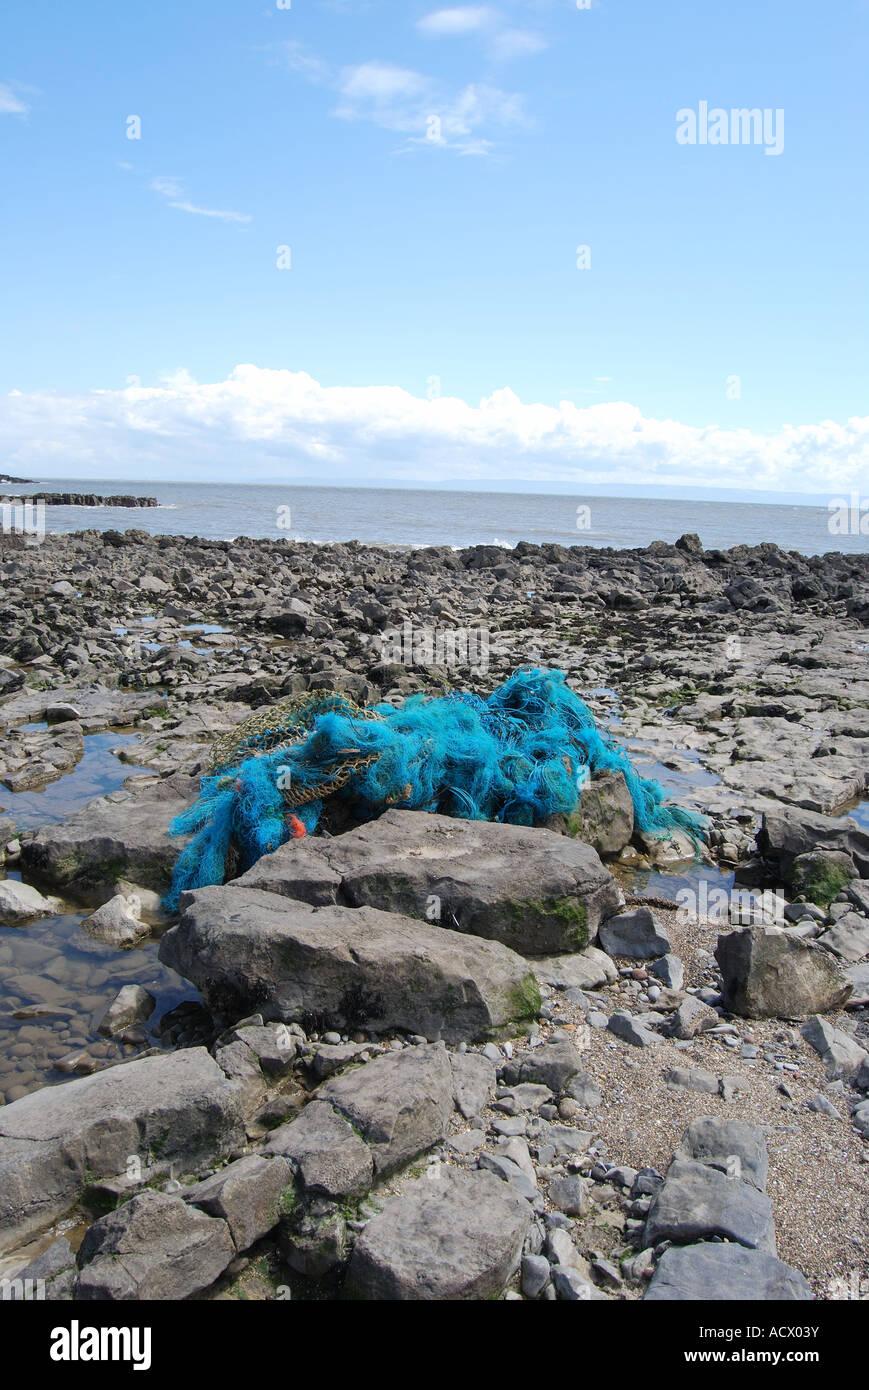 abandoned fishing net plastic waste no 2516 - Stock Image